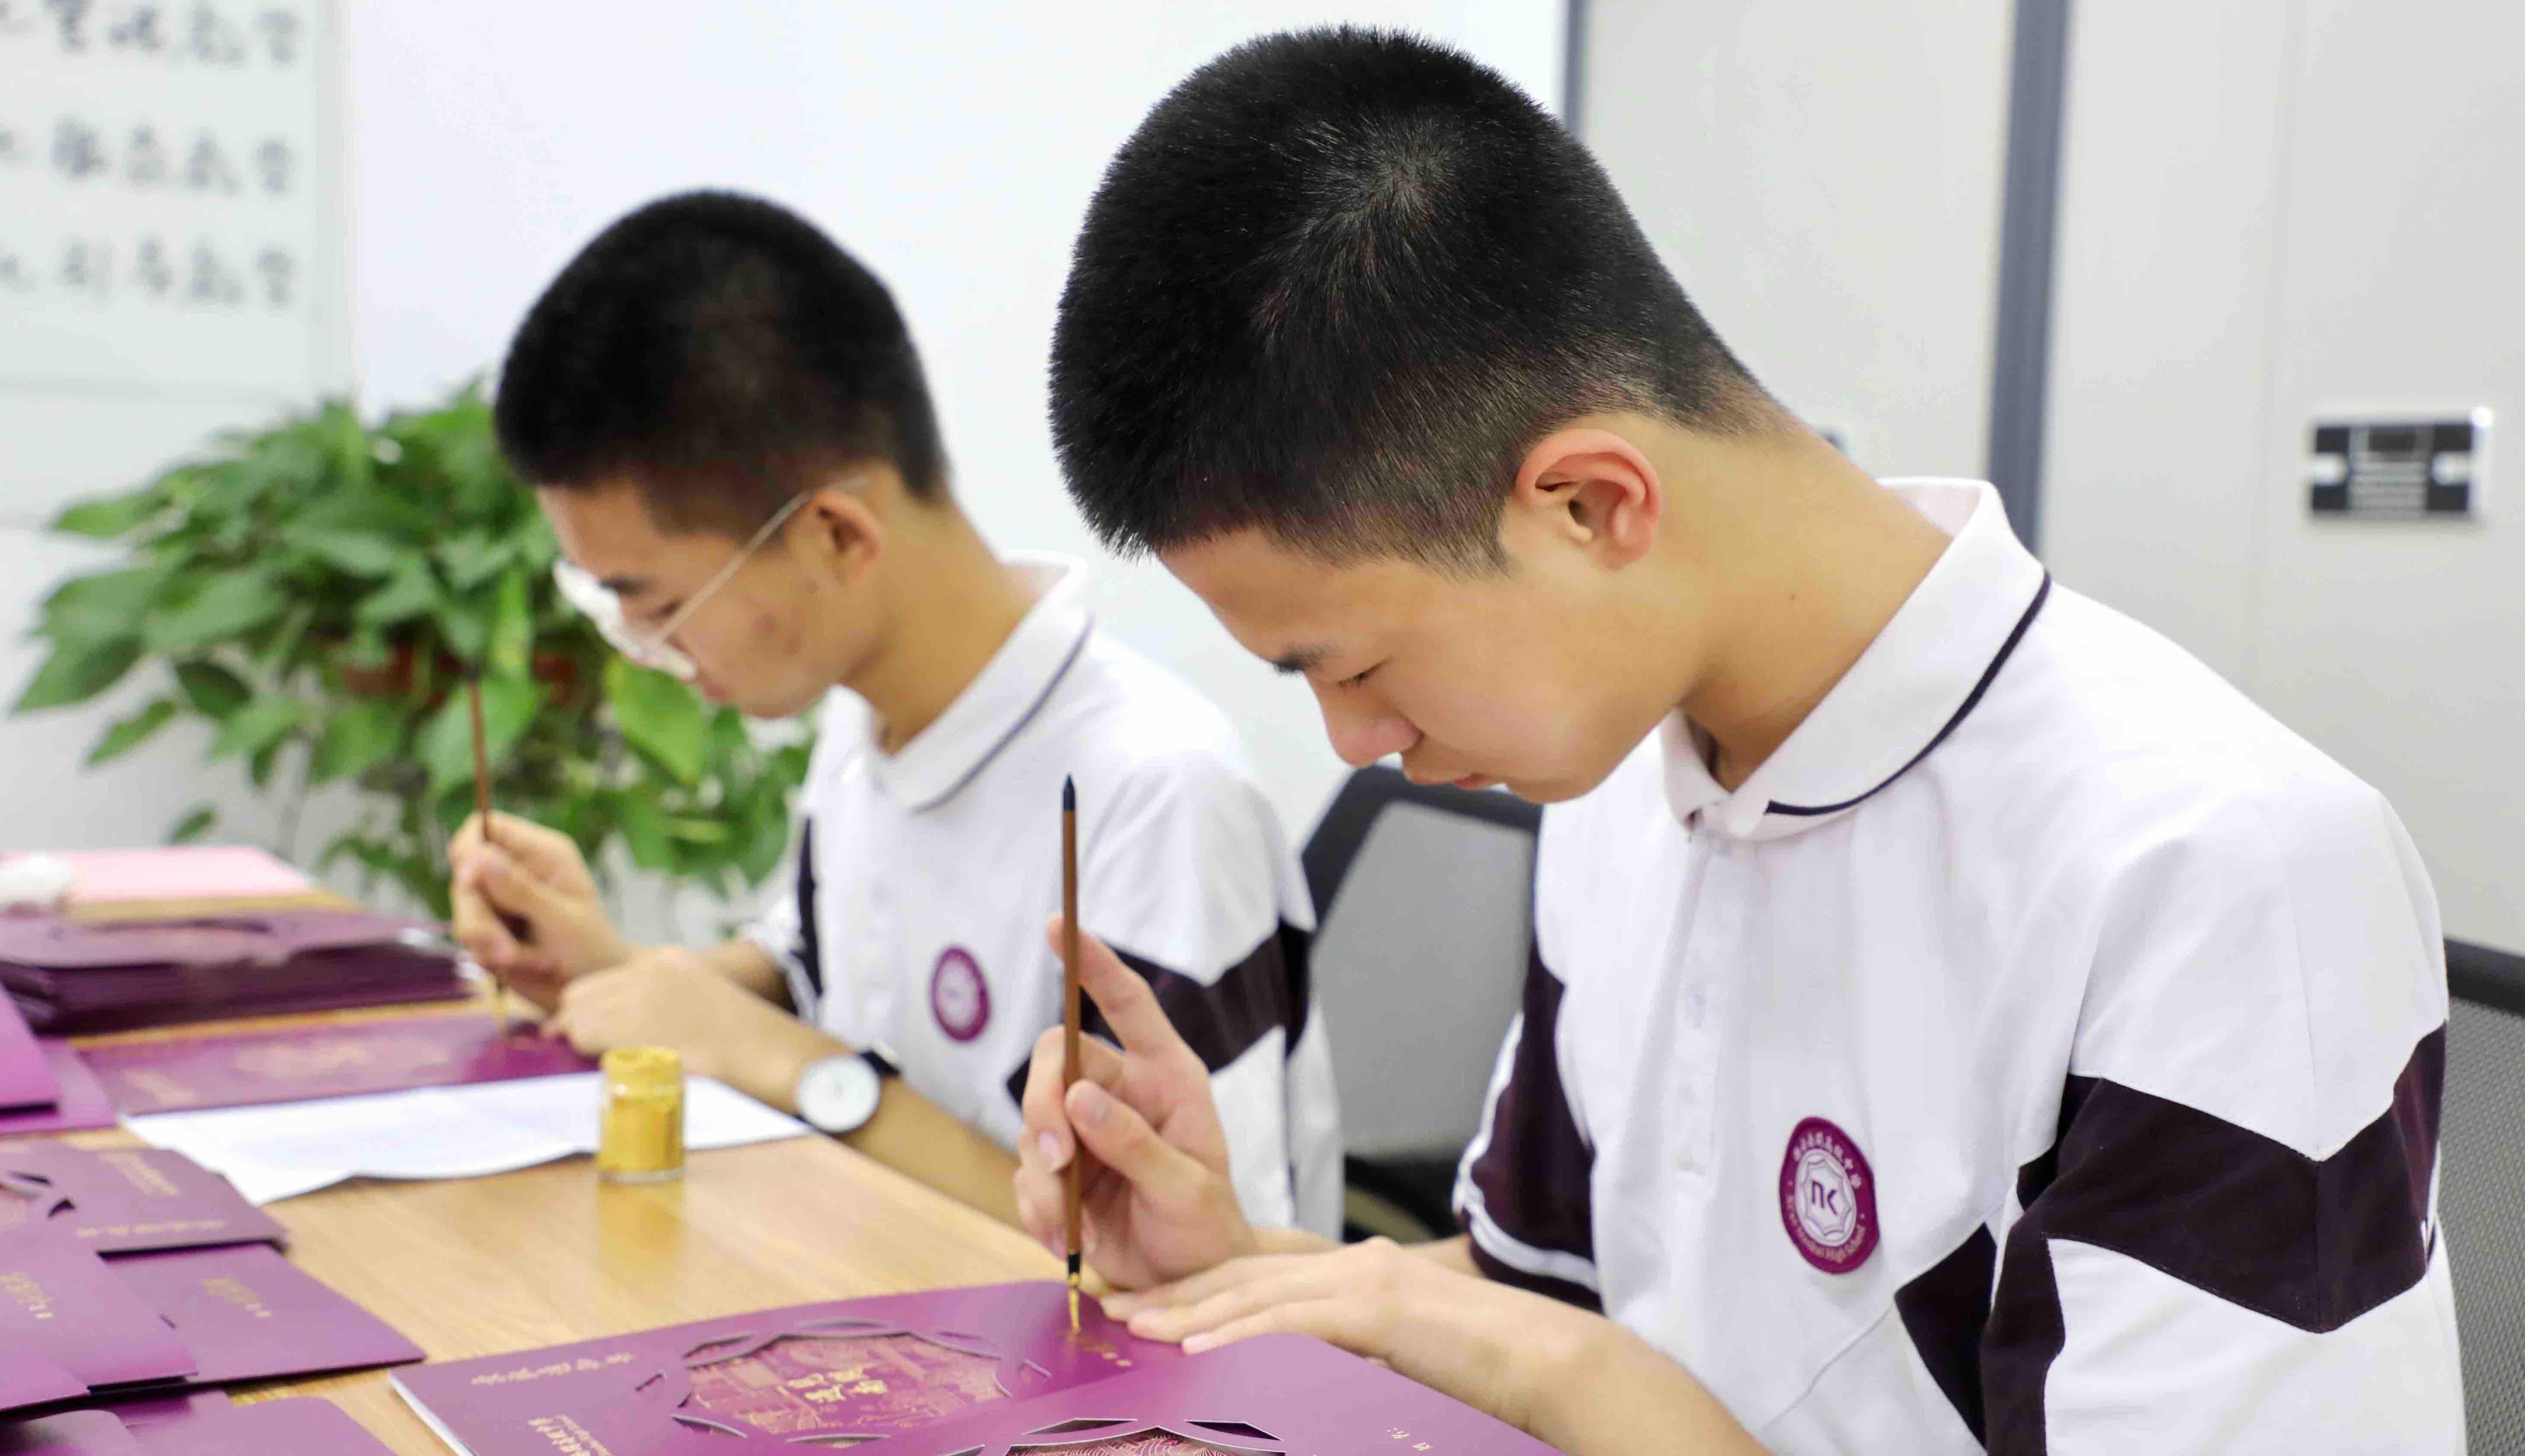 高二学生用毛笔为271名新生手写录取通知书